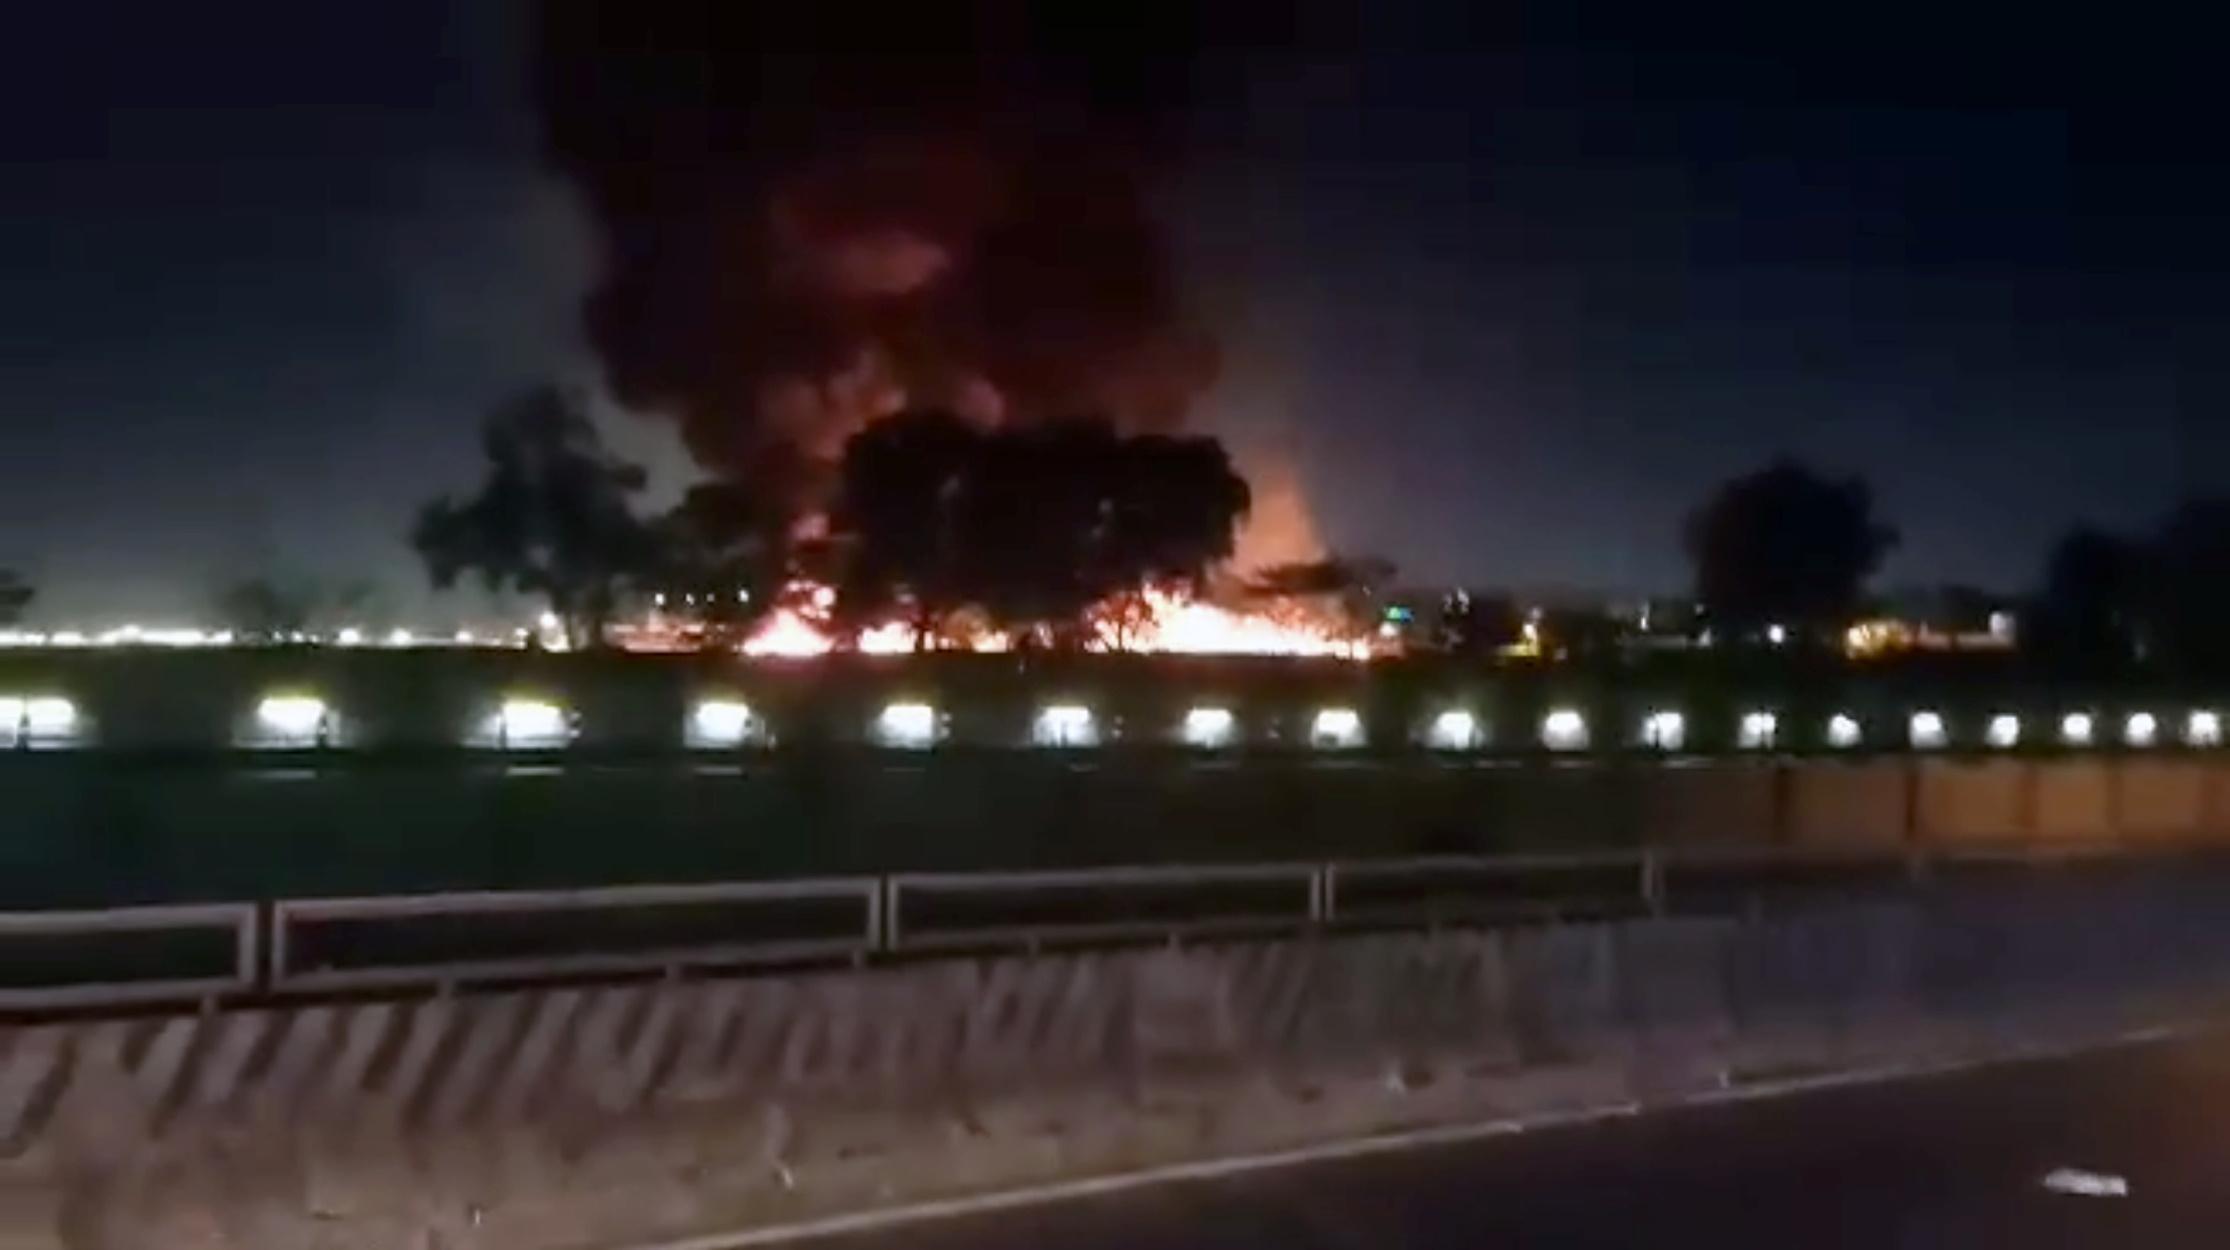 Εικόνες σοκ: Νεκροί επιβάτες όταν αεροσκάφος τυλίχθηκε στις φλόγες στις Φιλιππίνες